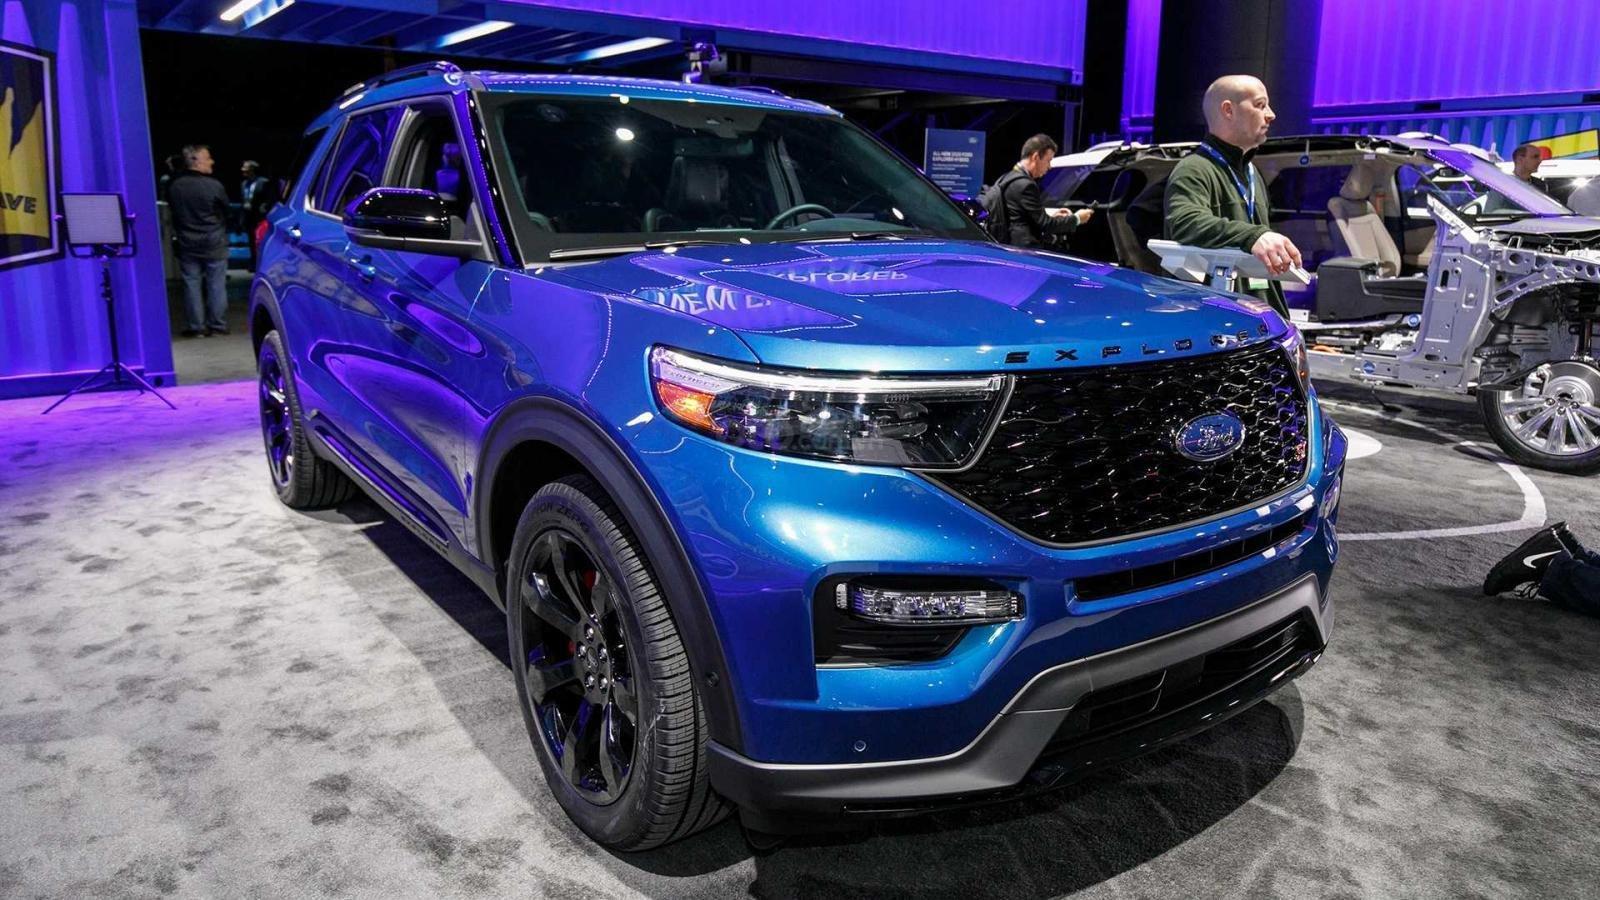 Ford Explorer 2020 ST sở hữu lốp Michelin được phát triển dành cho Mercedes